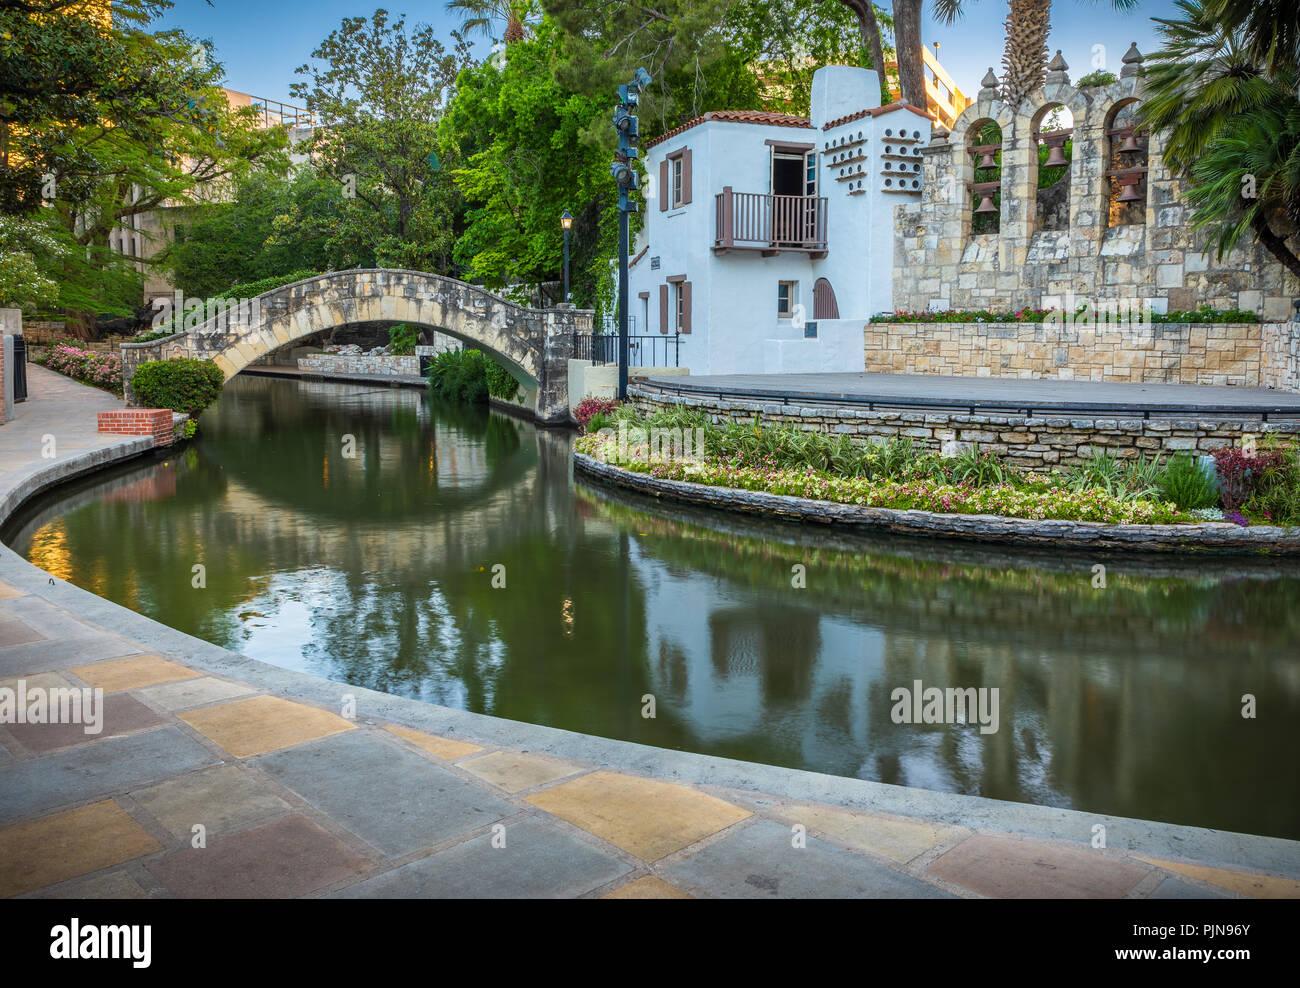 La Villita Historic Arts Village est une communauté de l'art dans le centre-ville de San Antonio, Texas, United States. Photo Stock